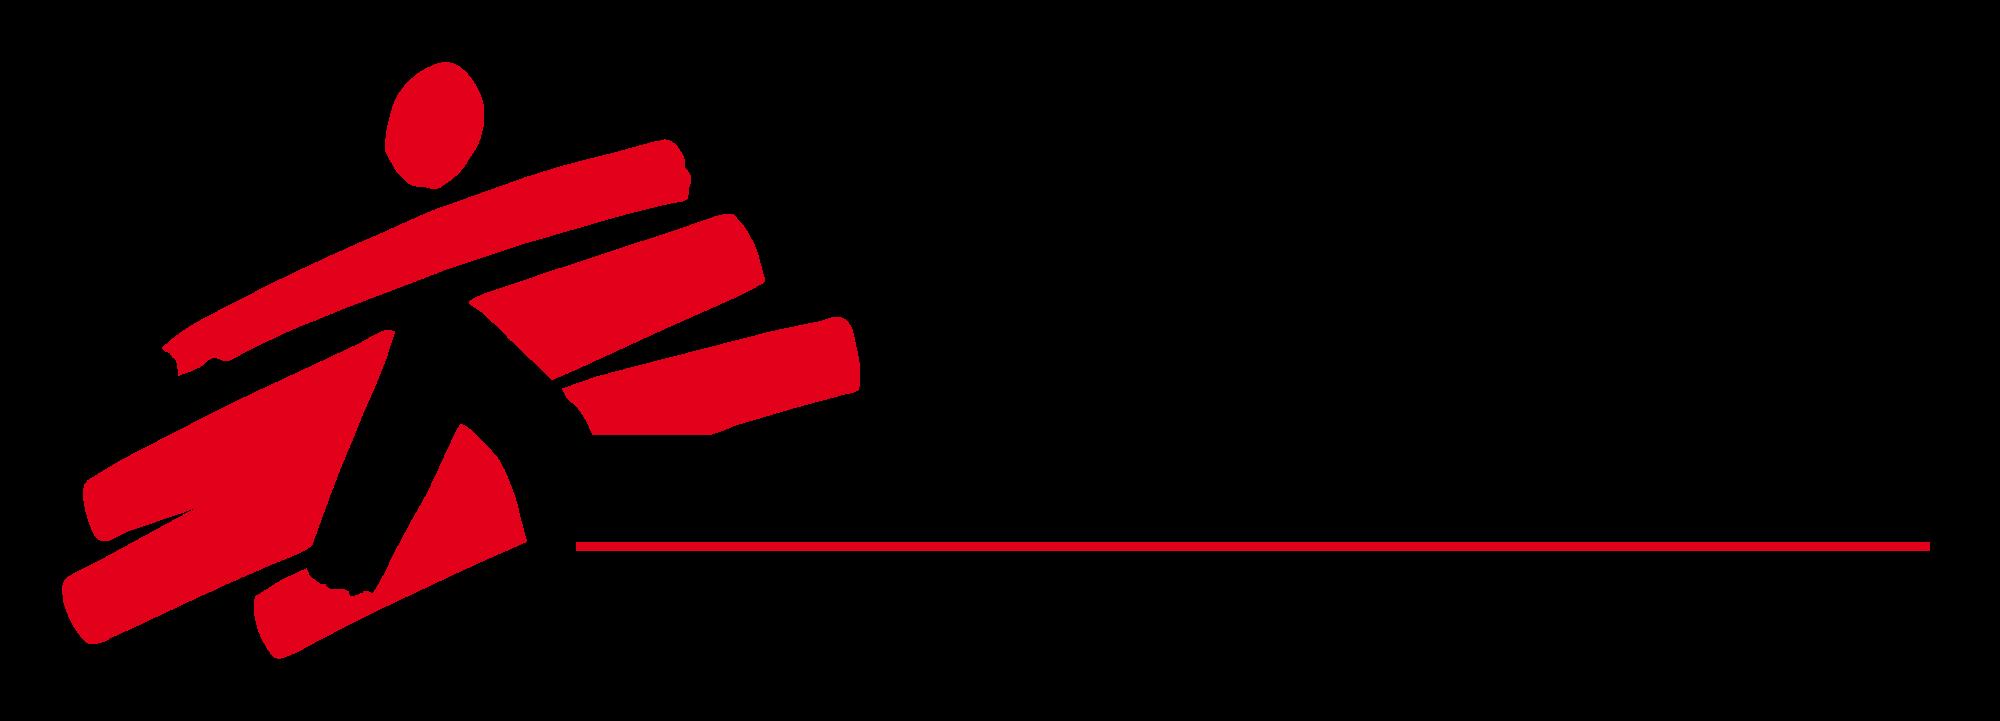 Bildergebnis für ärzte ohne grenzen logo transparent